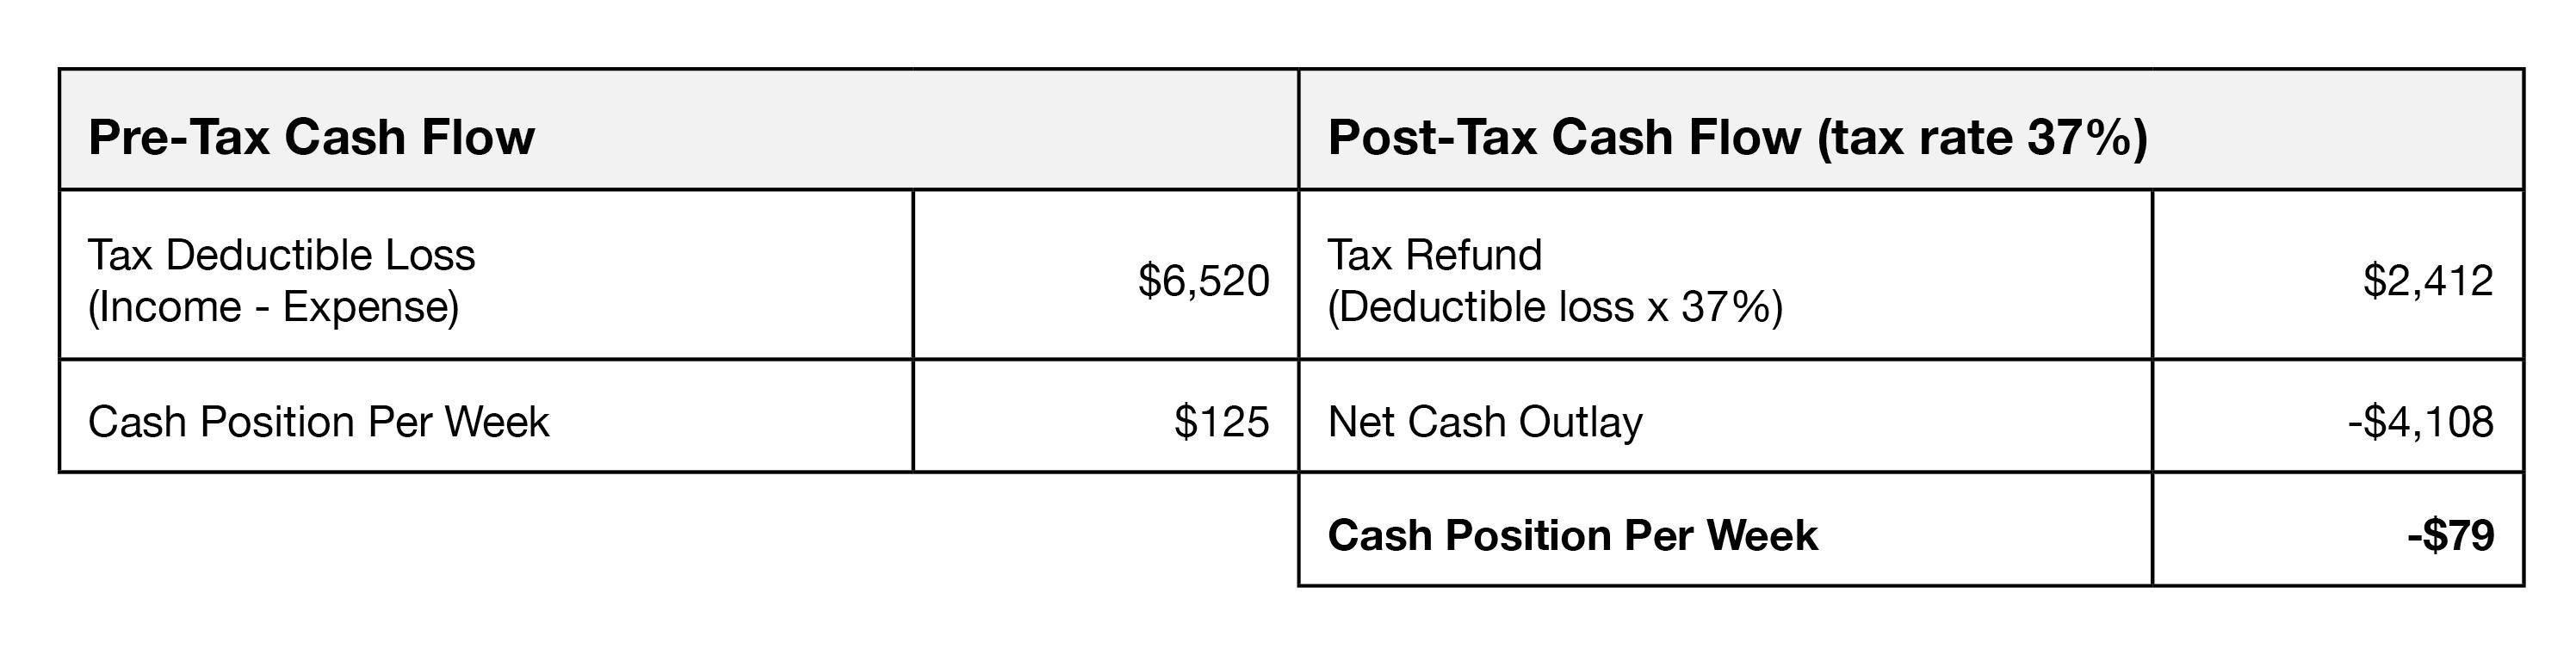 Depreciation Scenario 1